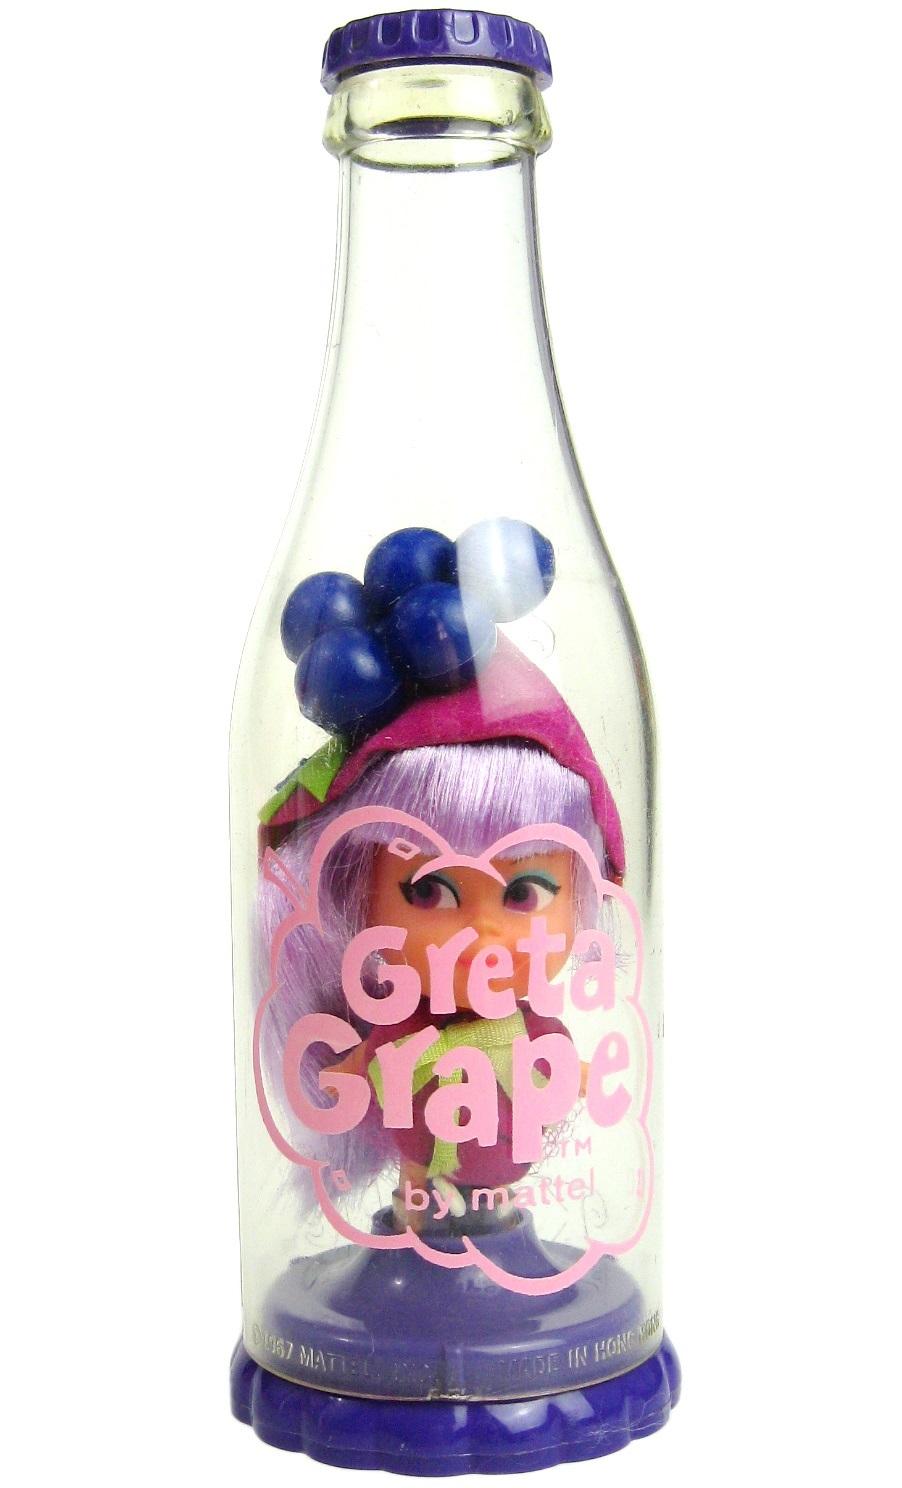 Vintage 1968 Mattel Liddle Kiddles Greta Grape Kola Cola Doll w/Soda Bottle MINT - $59.99